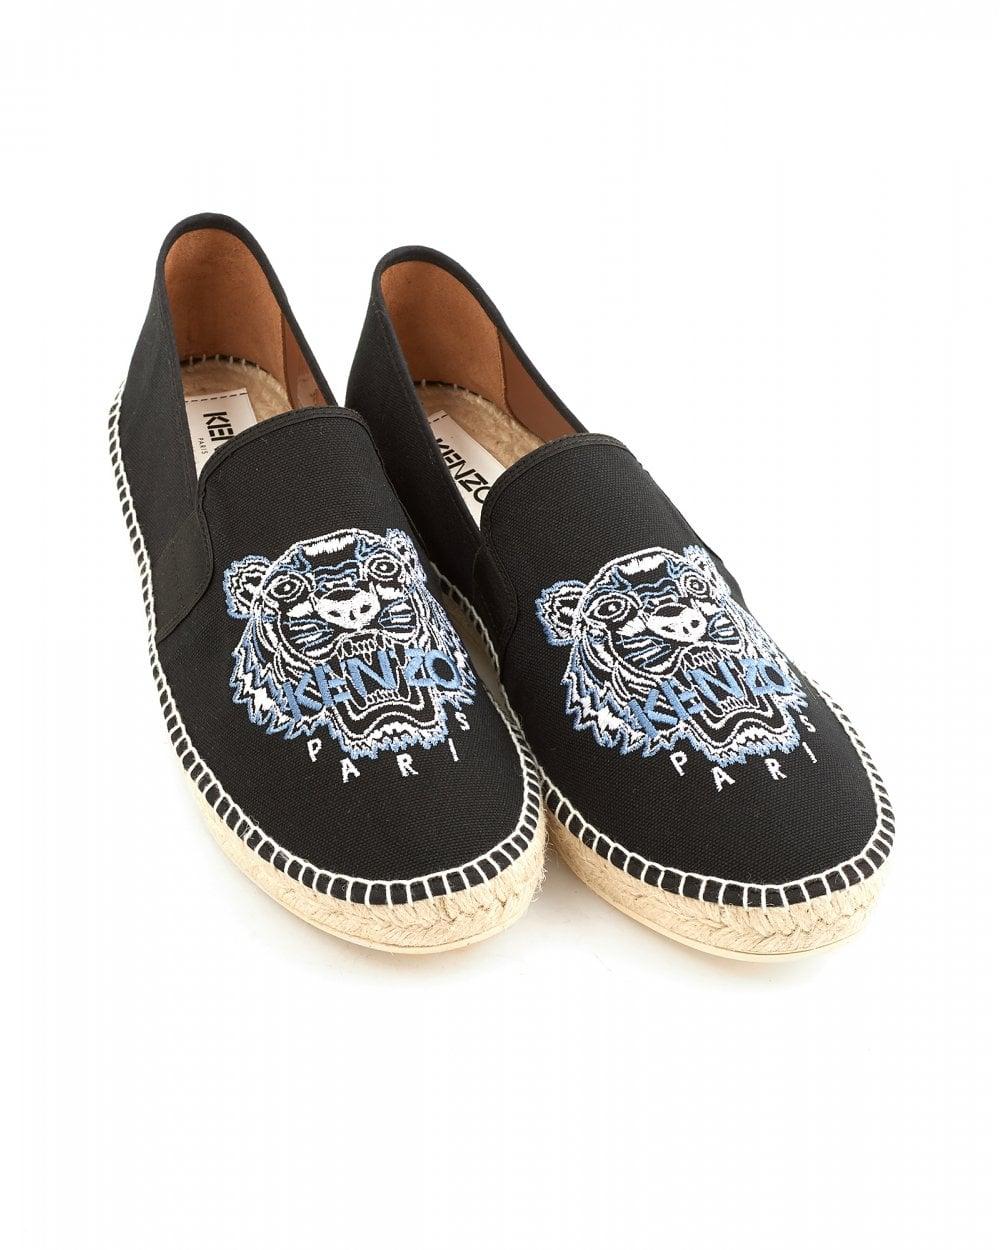 c97dfe616 Kenzo Mens Tiger Espadrilles, Black Canvas Shoes